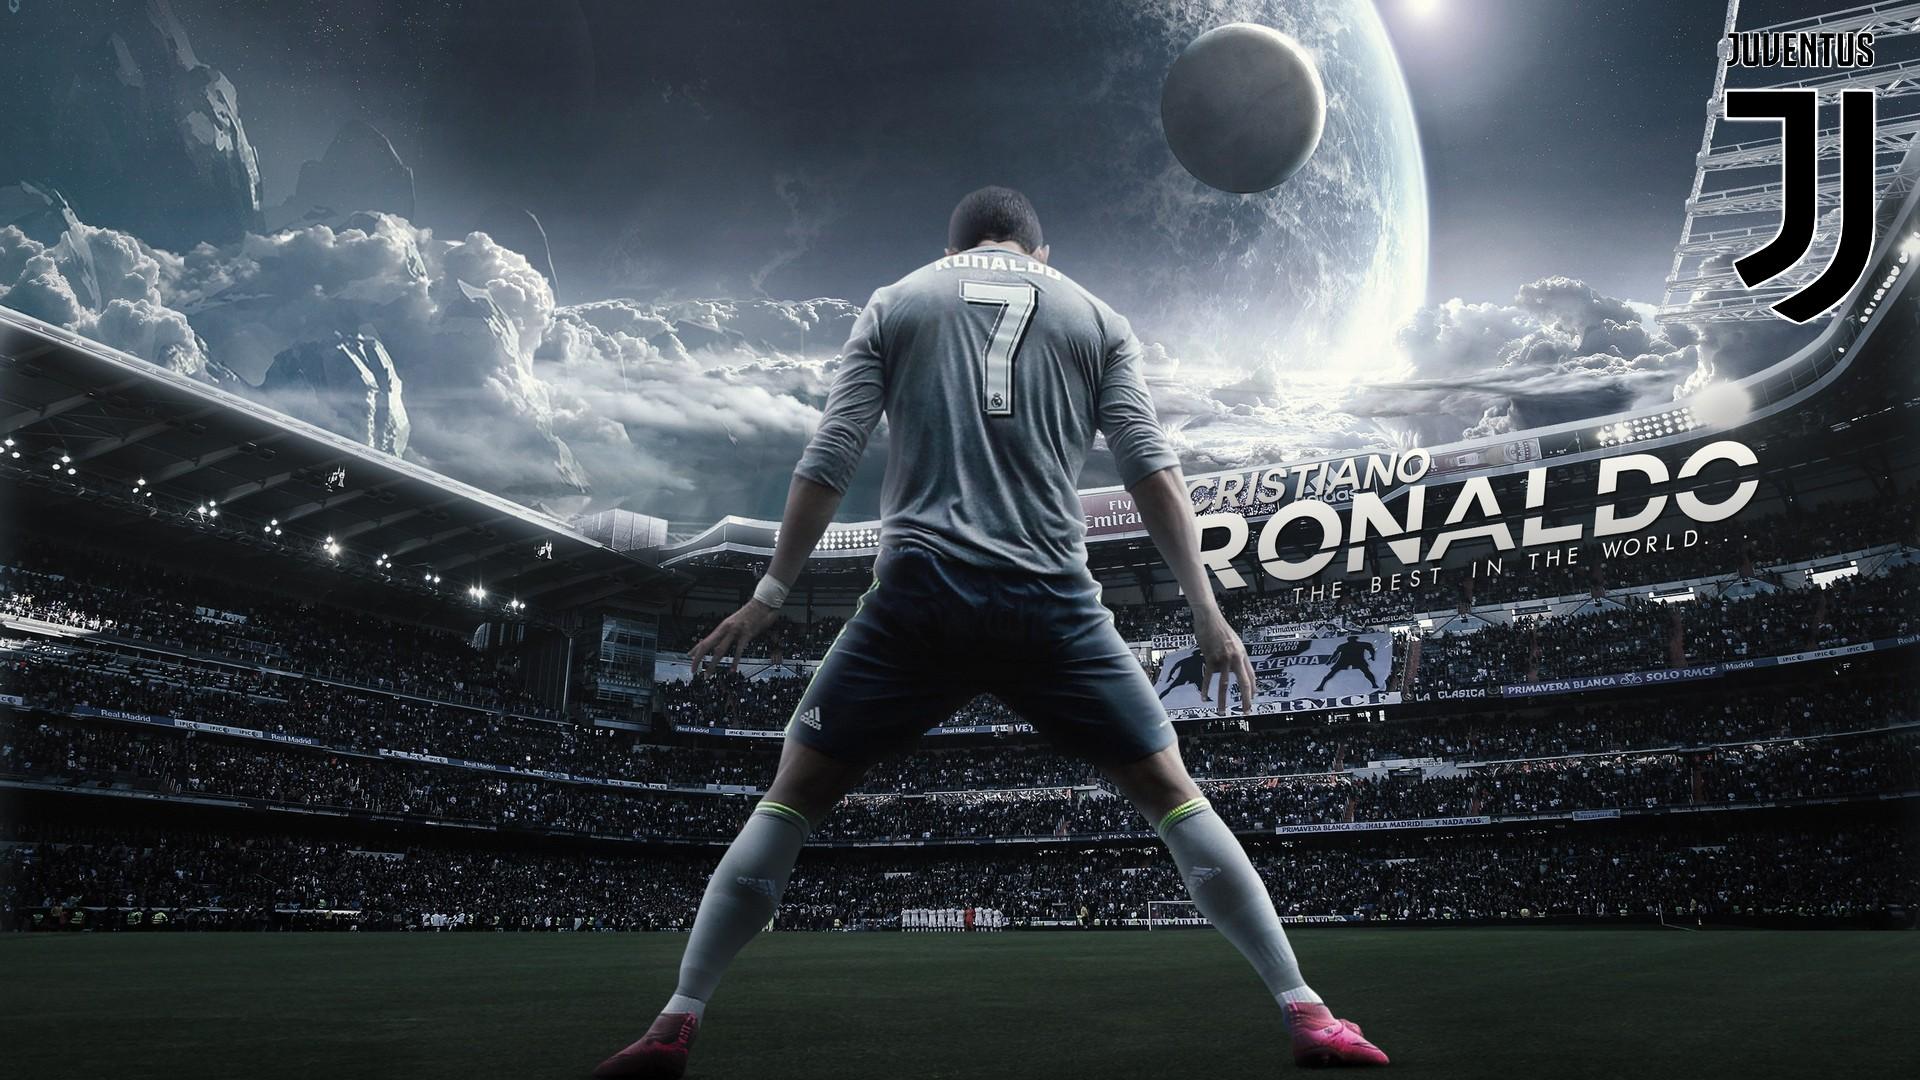 Hình nền cầu thủ bóng đá ronaldo